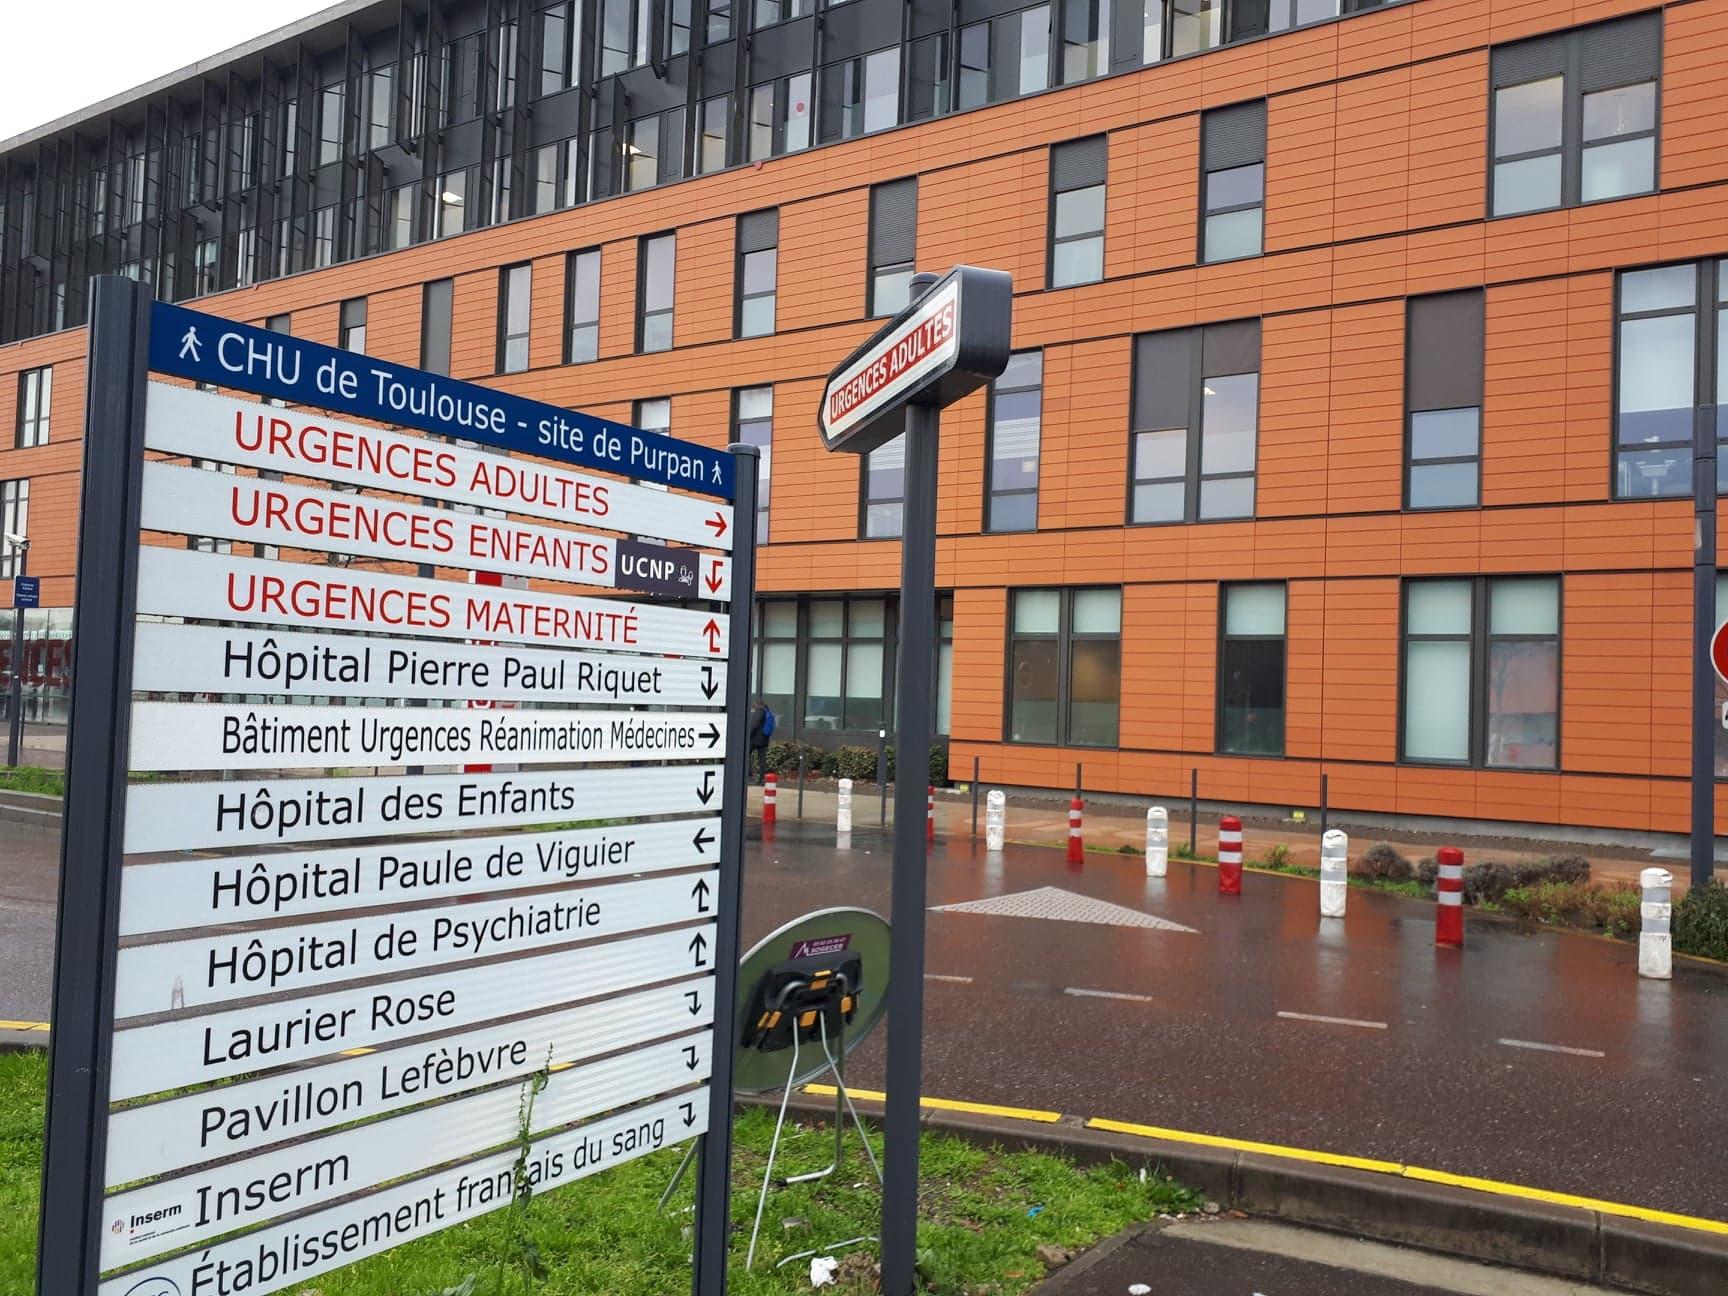 Hier, une dizaine d'opérations chirurgicales ont été annulées au CHU de Toulouse, en raison d'un mouvement de grève. - Crédit : Emmanuel Clévenot